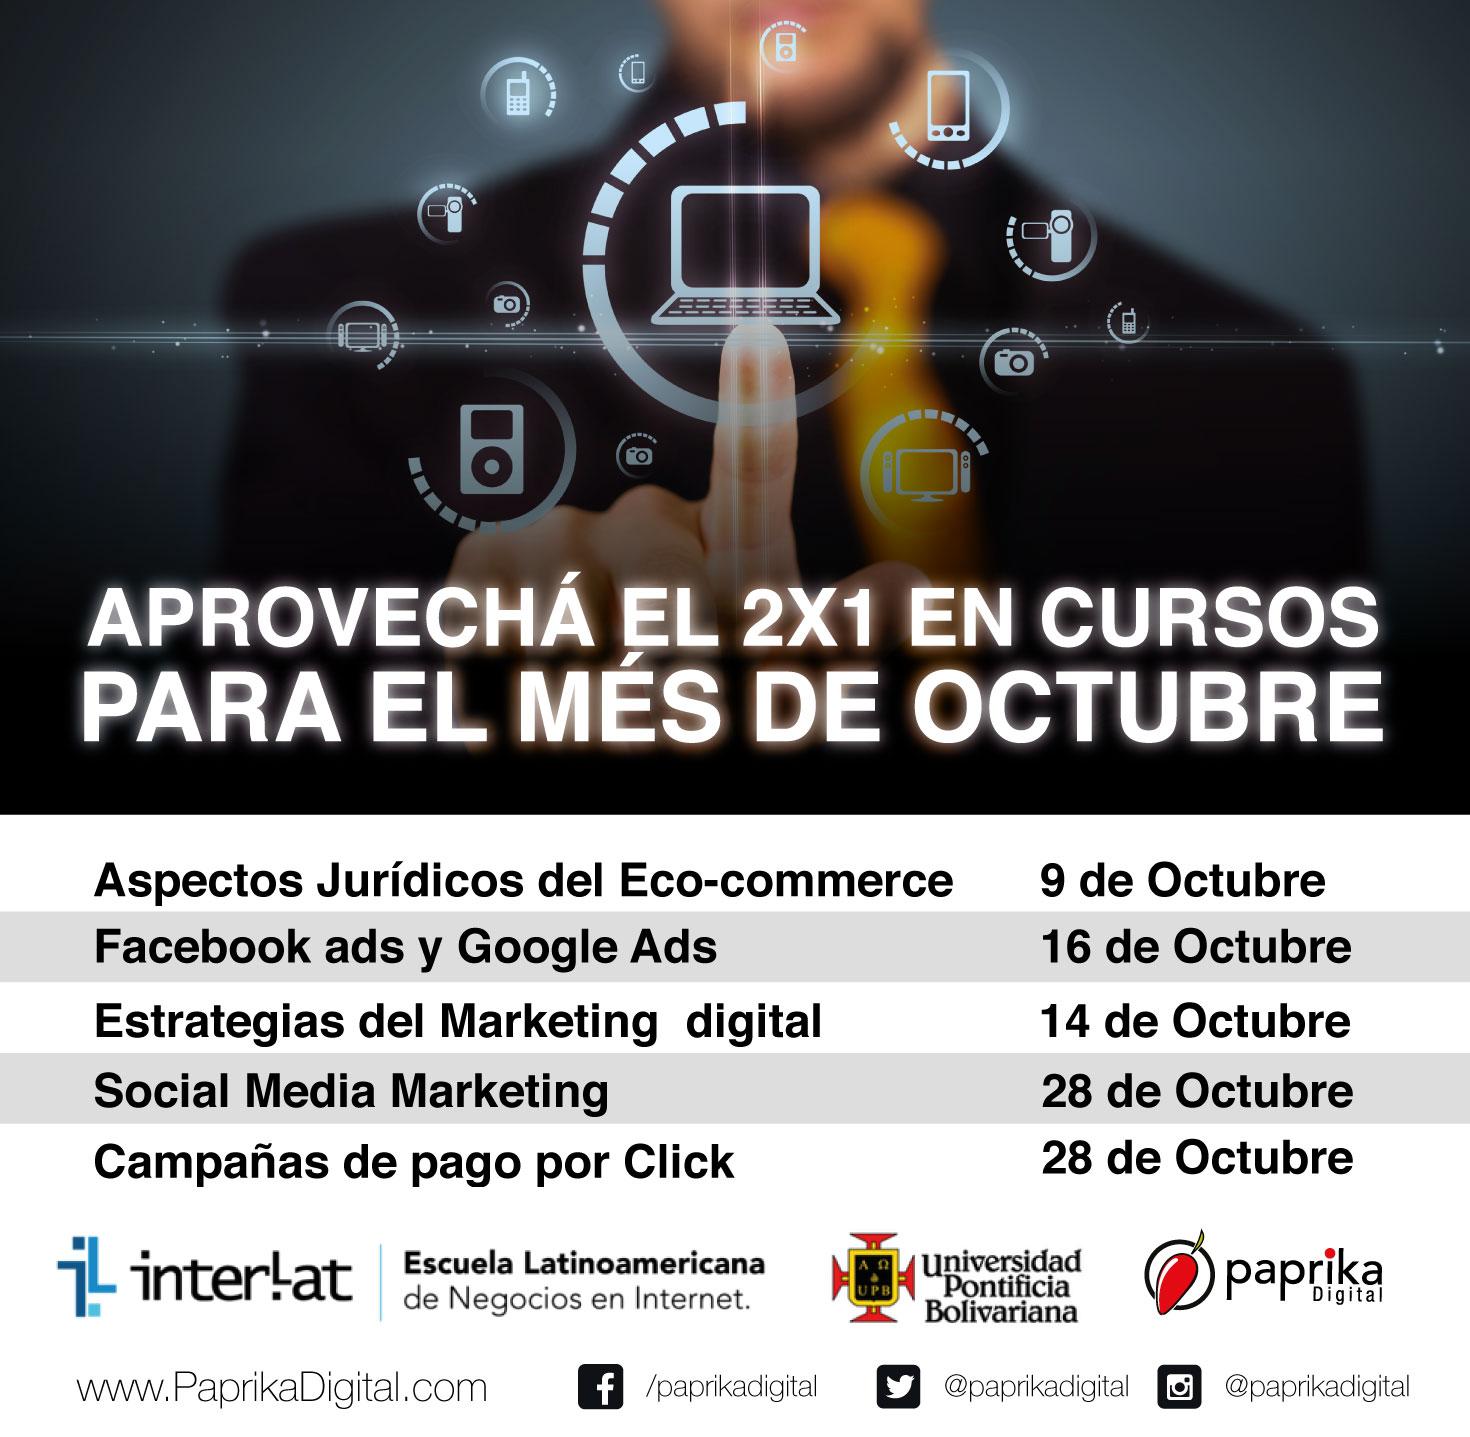 Cursos de mercadeo digital y redes sociales por expertos y líderes a nivel mundial.